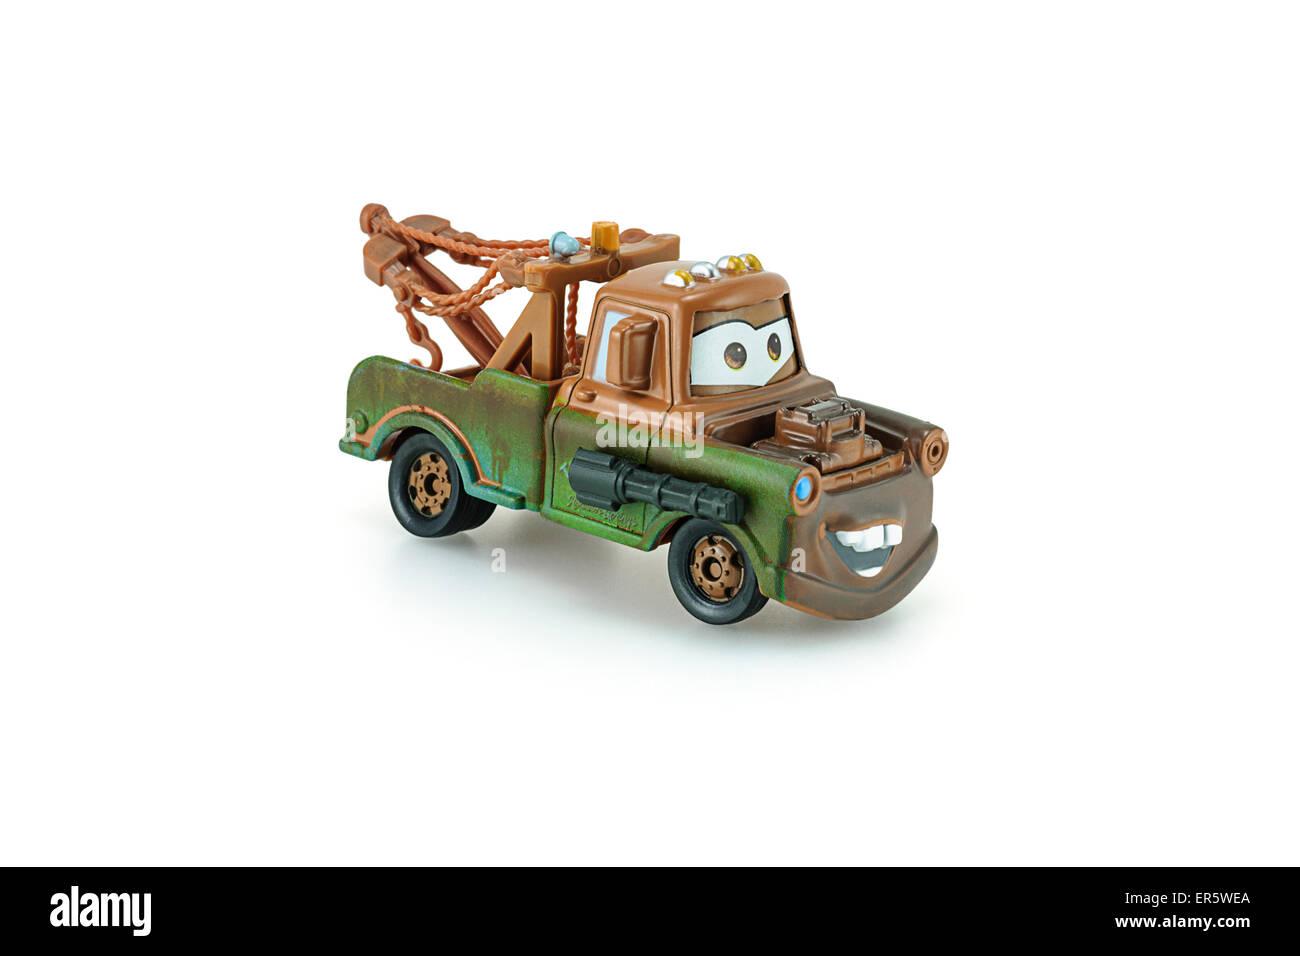 Bangkok, Thailand - 26. Januar 2014: Tow Mater Pick-up-Truck mit Maschinengewehr eine Hauptfigur der Disney Pixar Stockbild